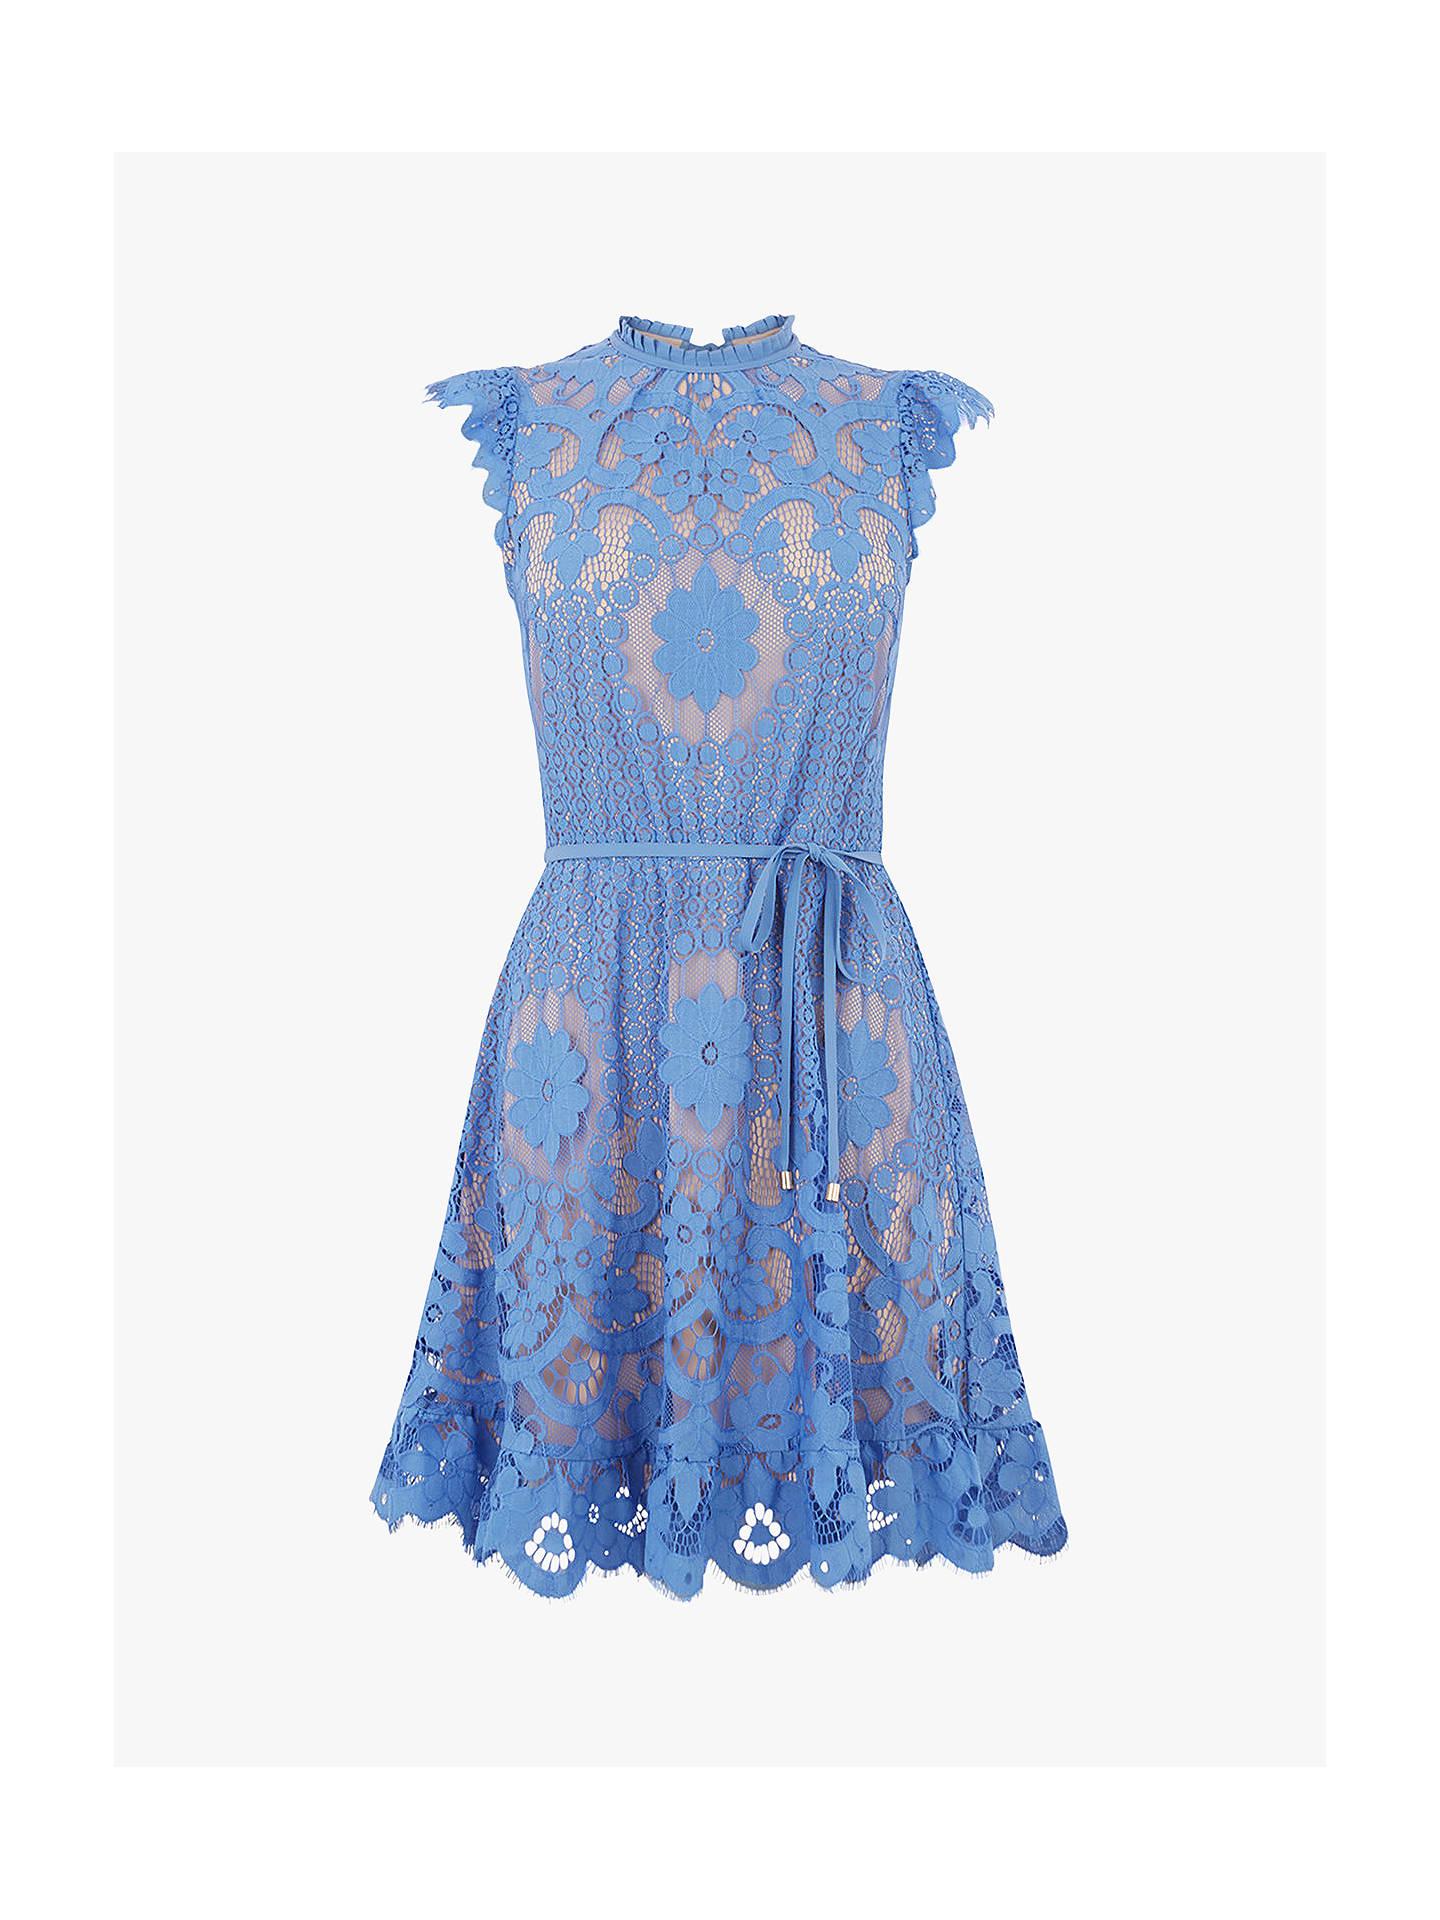 374104f720c6 Buy Oasis Lace Skater Dress, Mid Blue, 8 Online at johnlewis.com ...